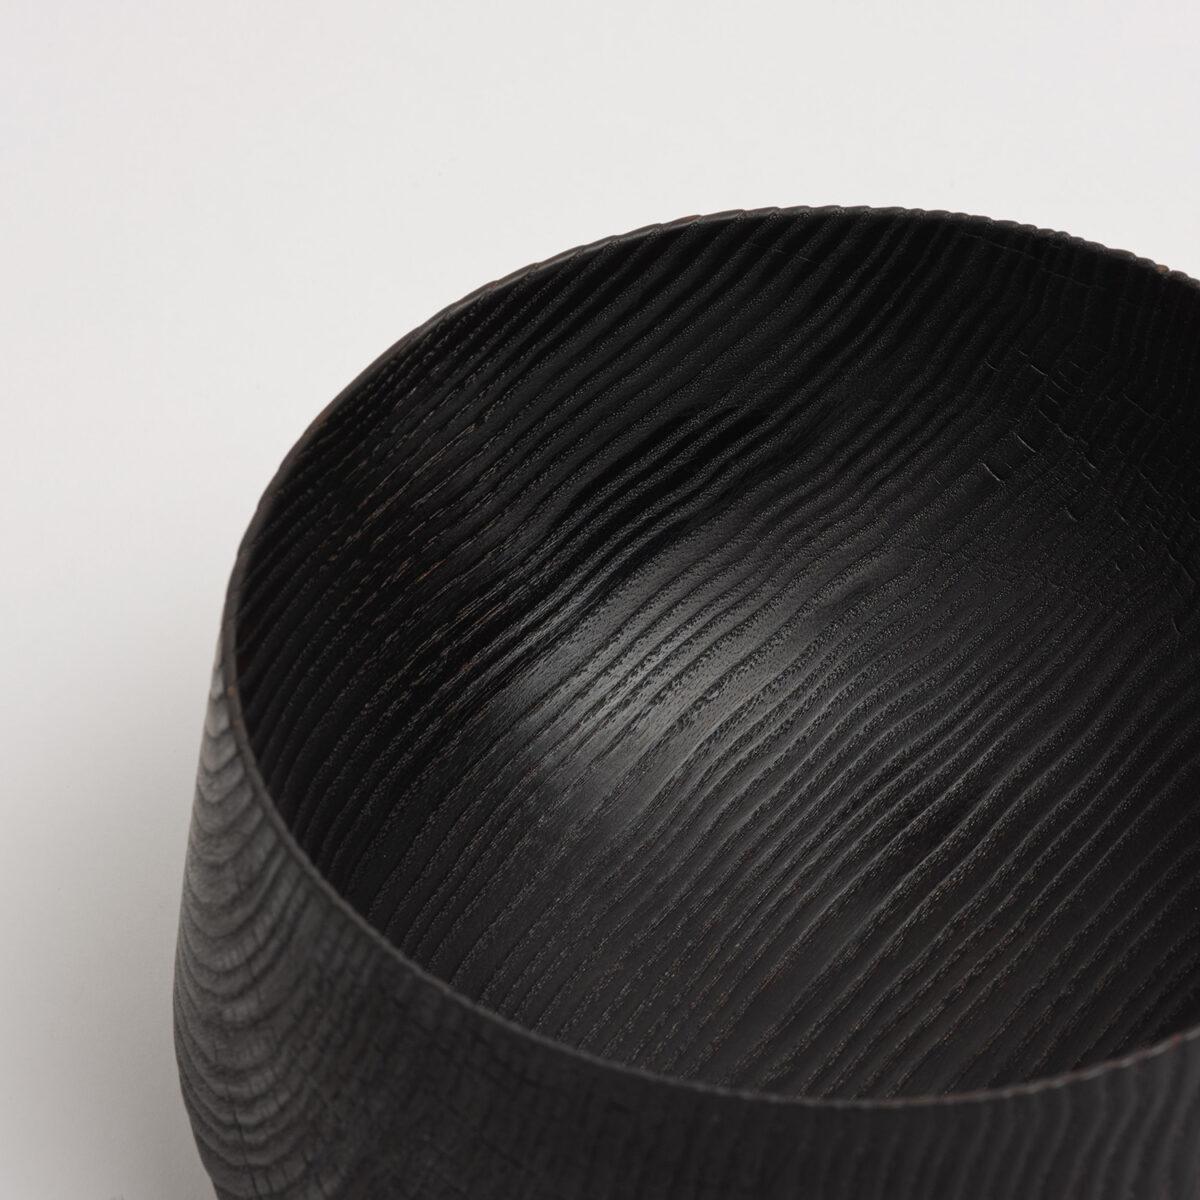 Køben Bowl, Charred Ash 002